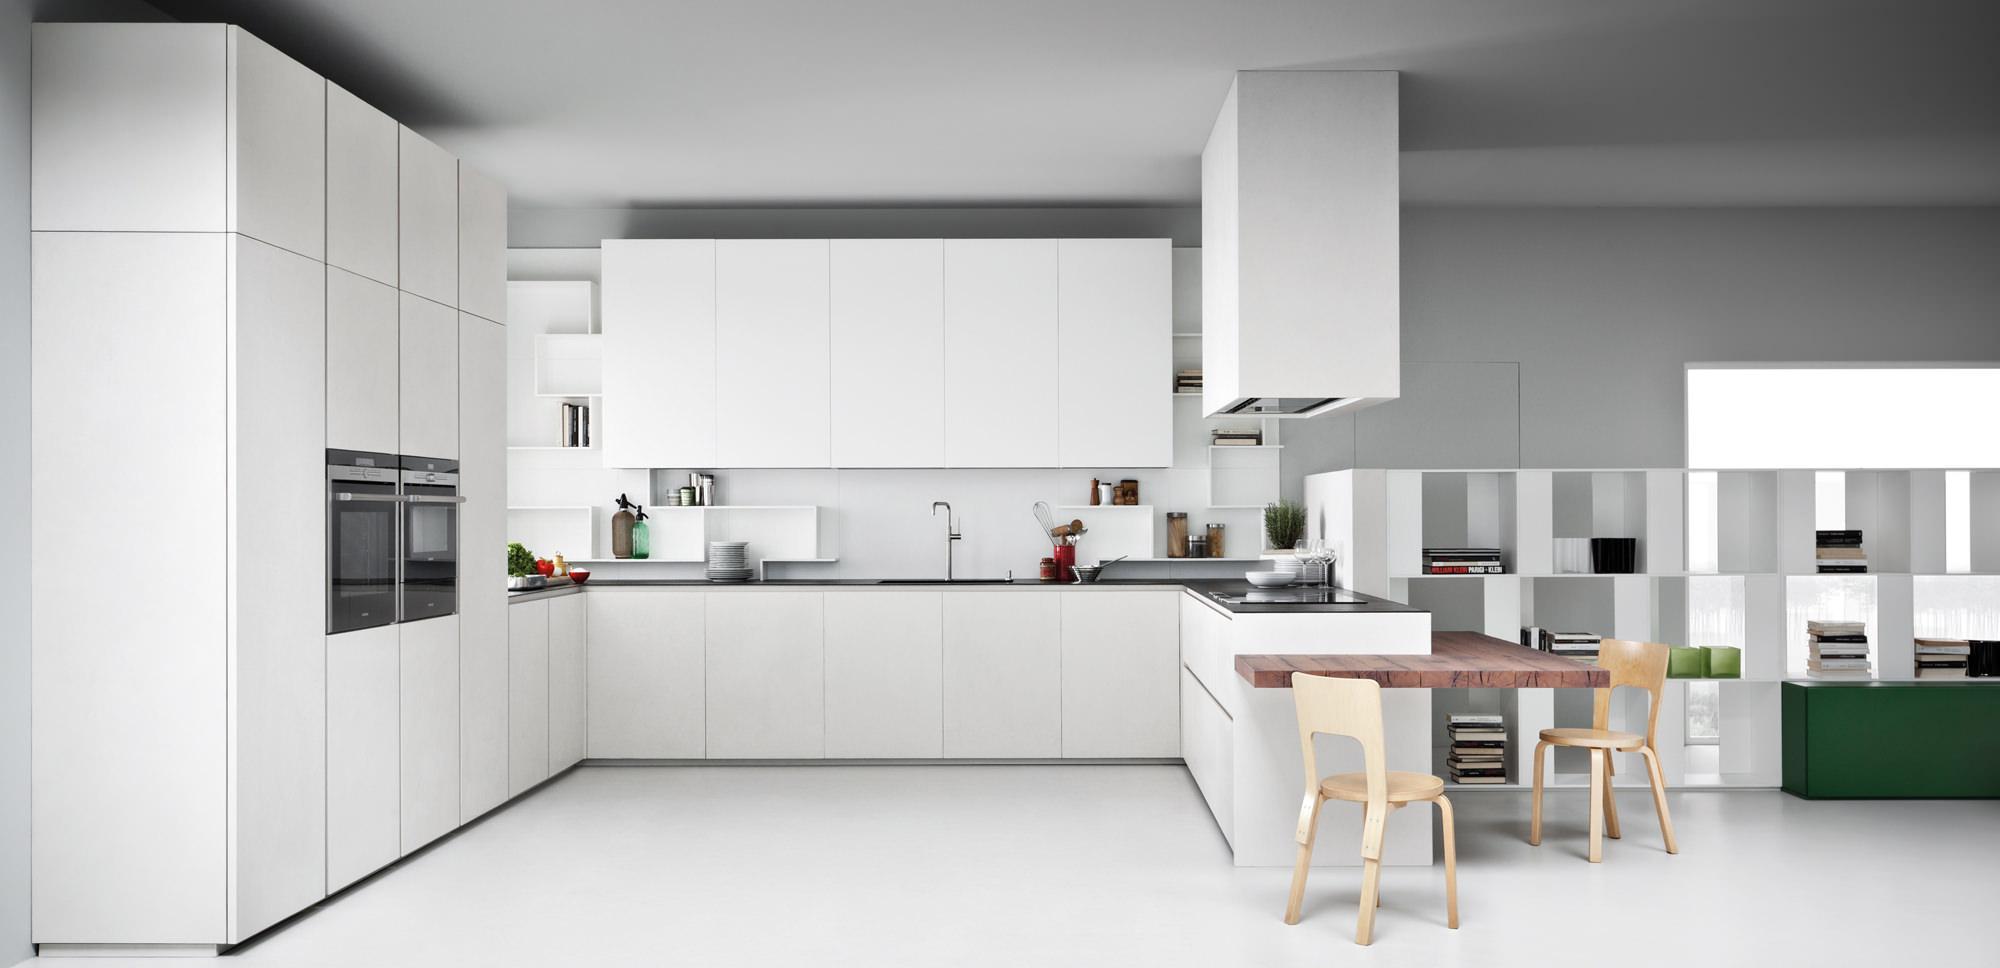 Cucine Stile Classico Moderno | Cucine Componibili In Stile Classico ...